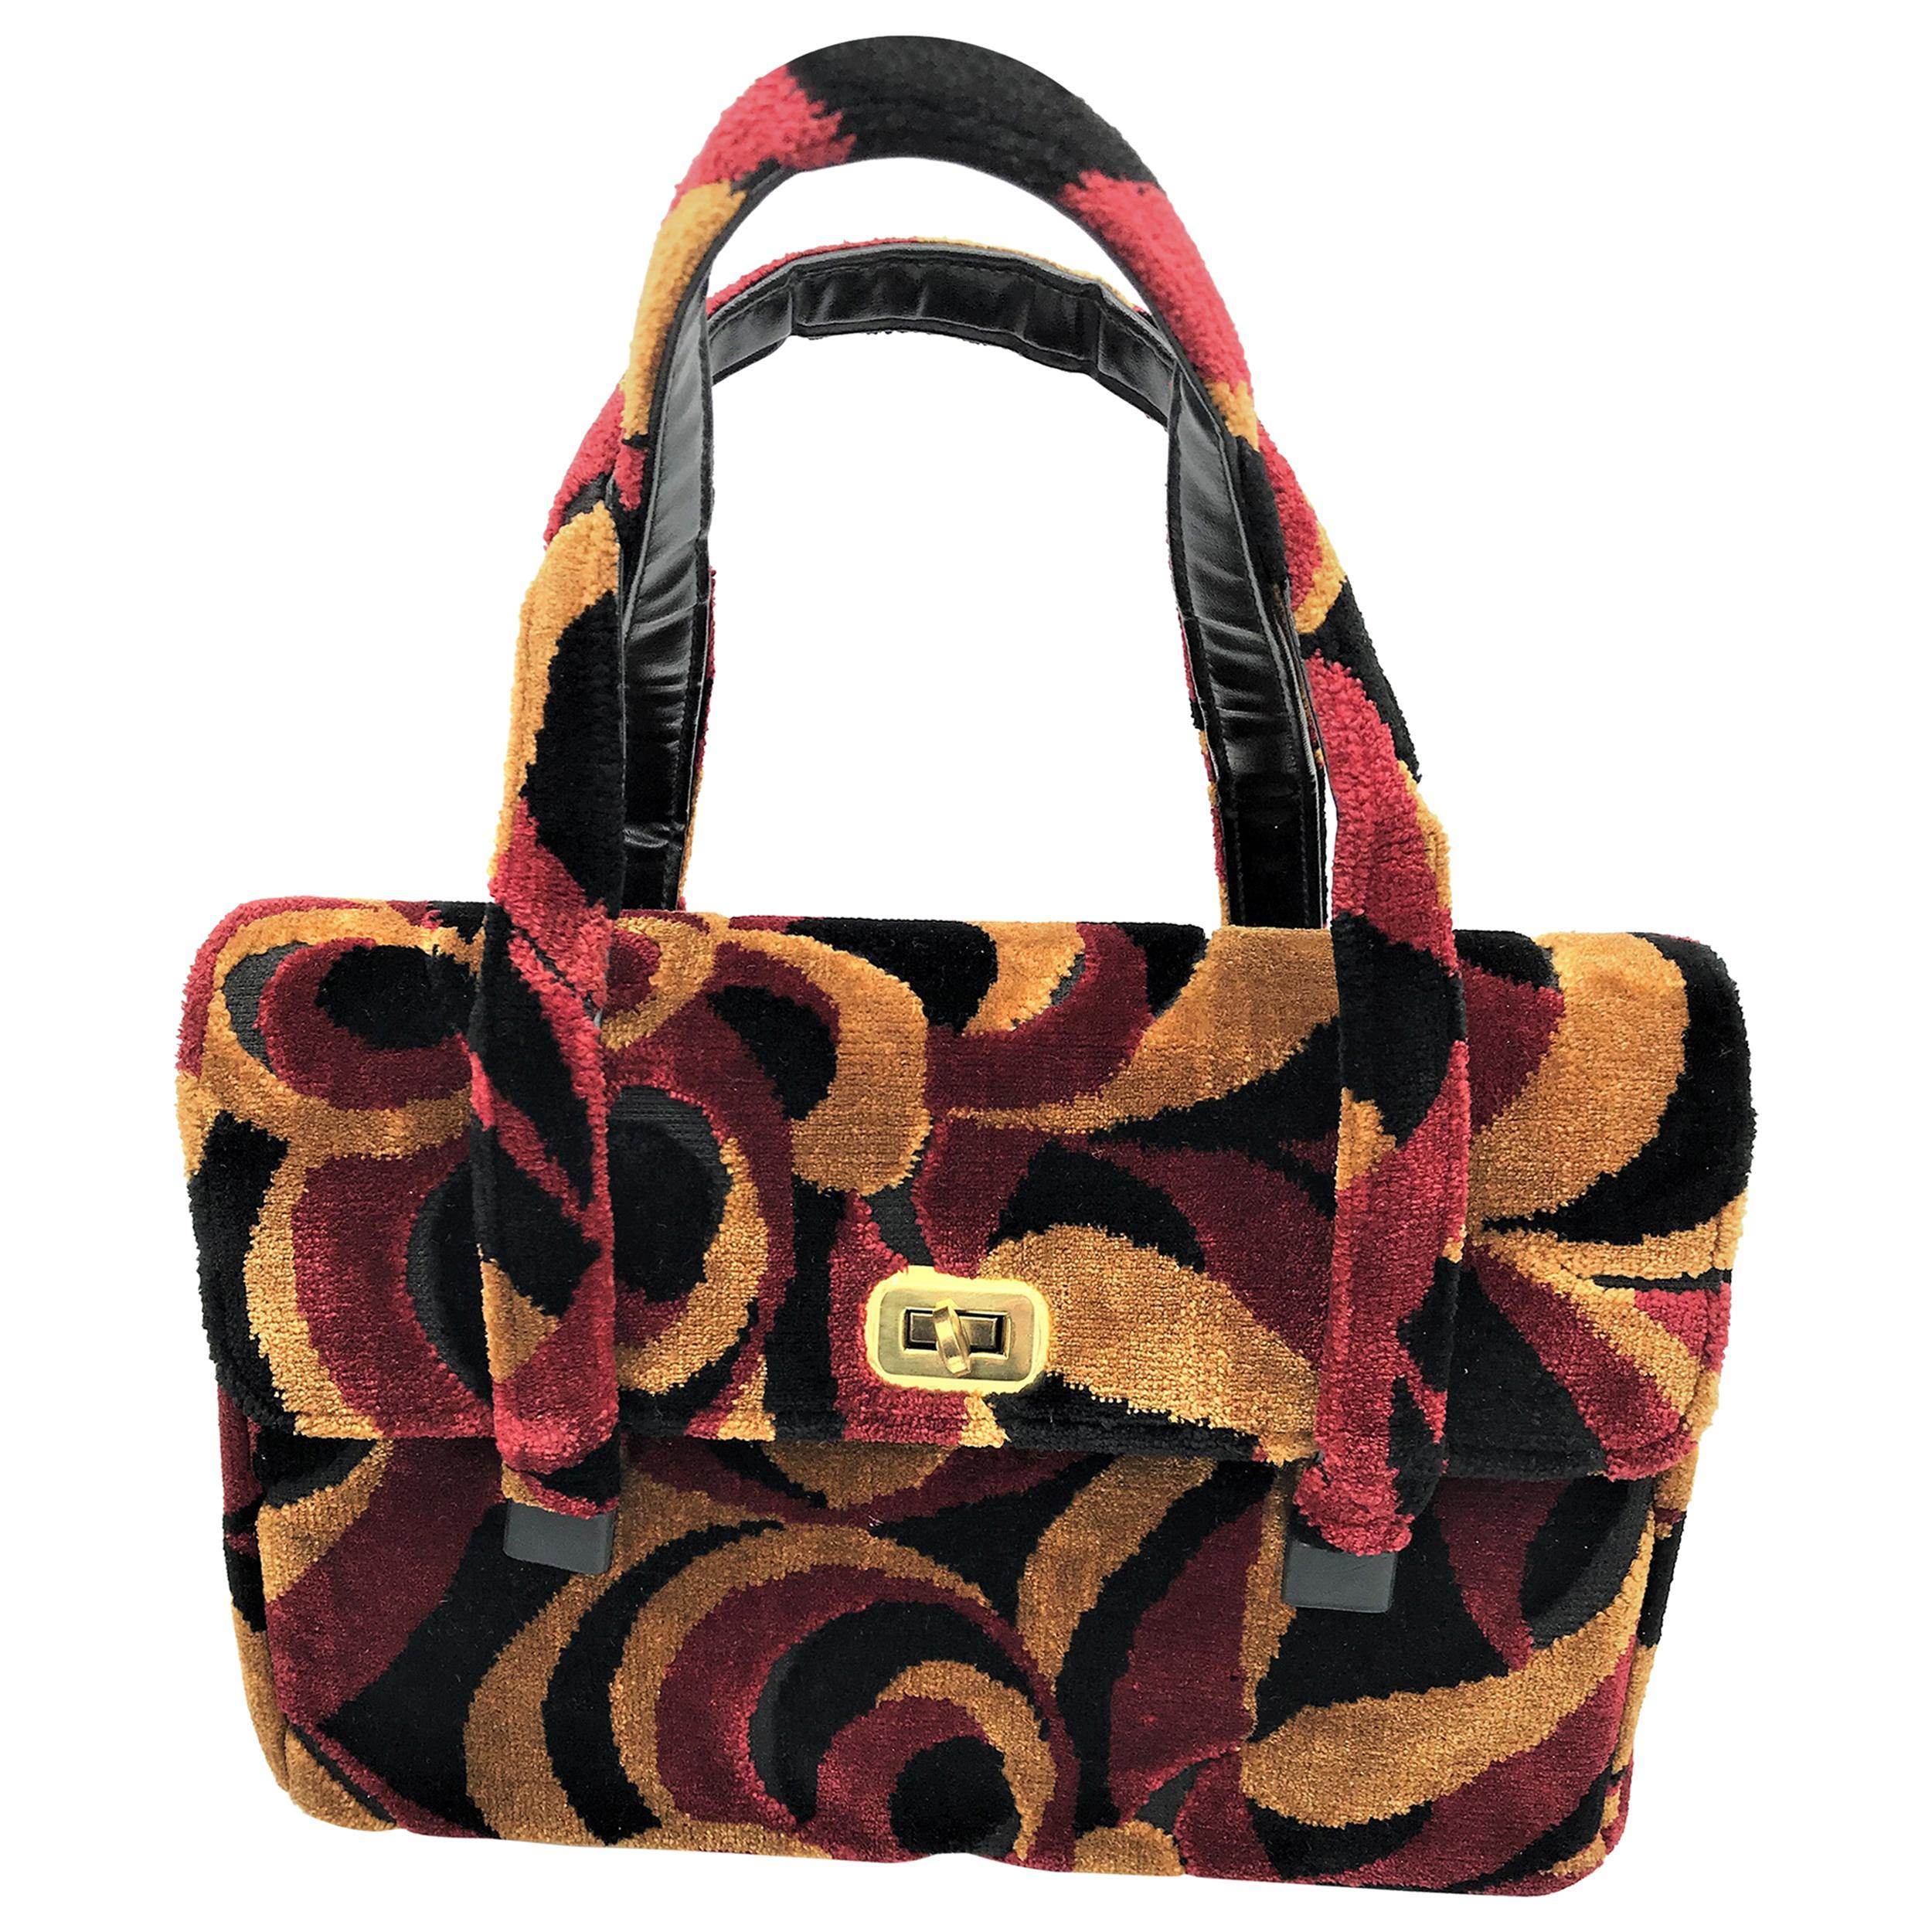 Stylisch velvet handbag from the 50s USA